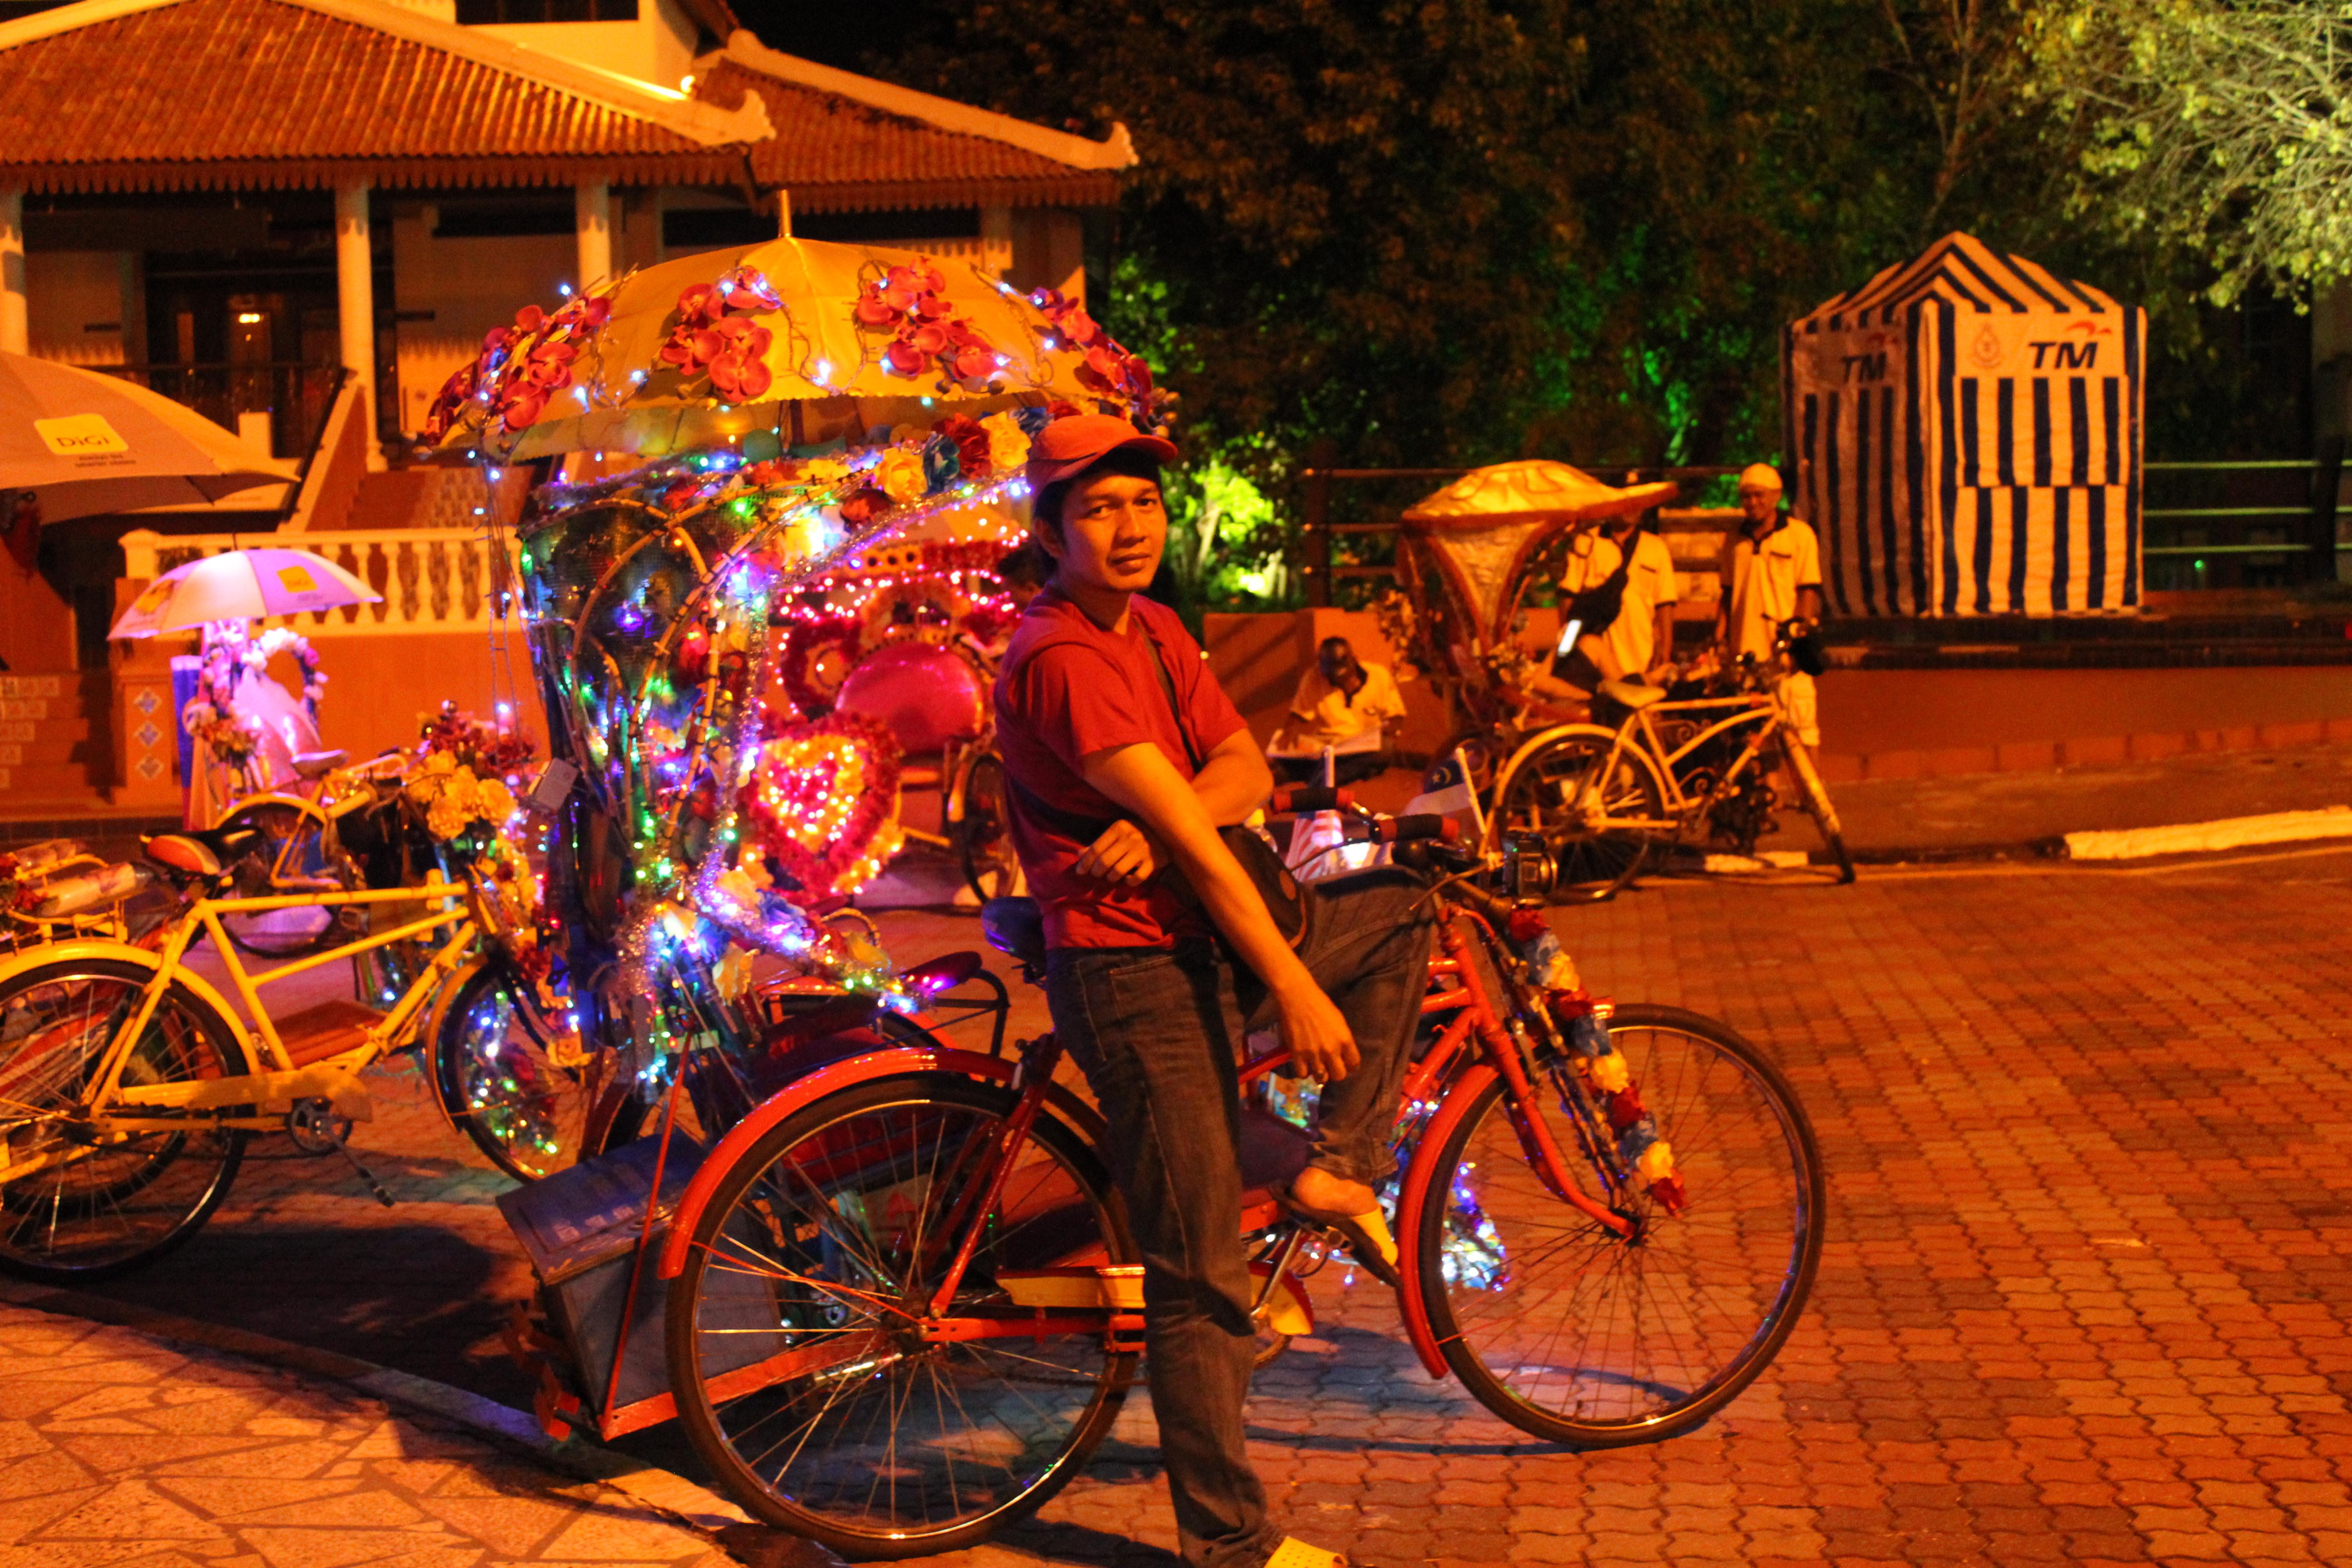 A tuktukokat úgy feldíszítik, mint a karácsonyfát